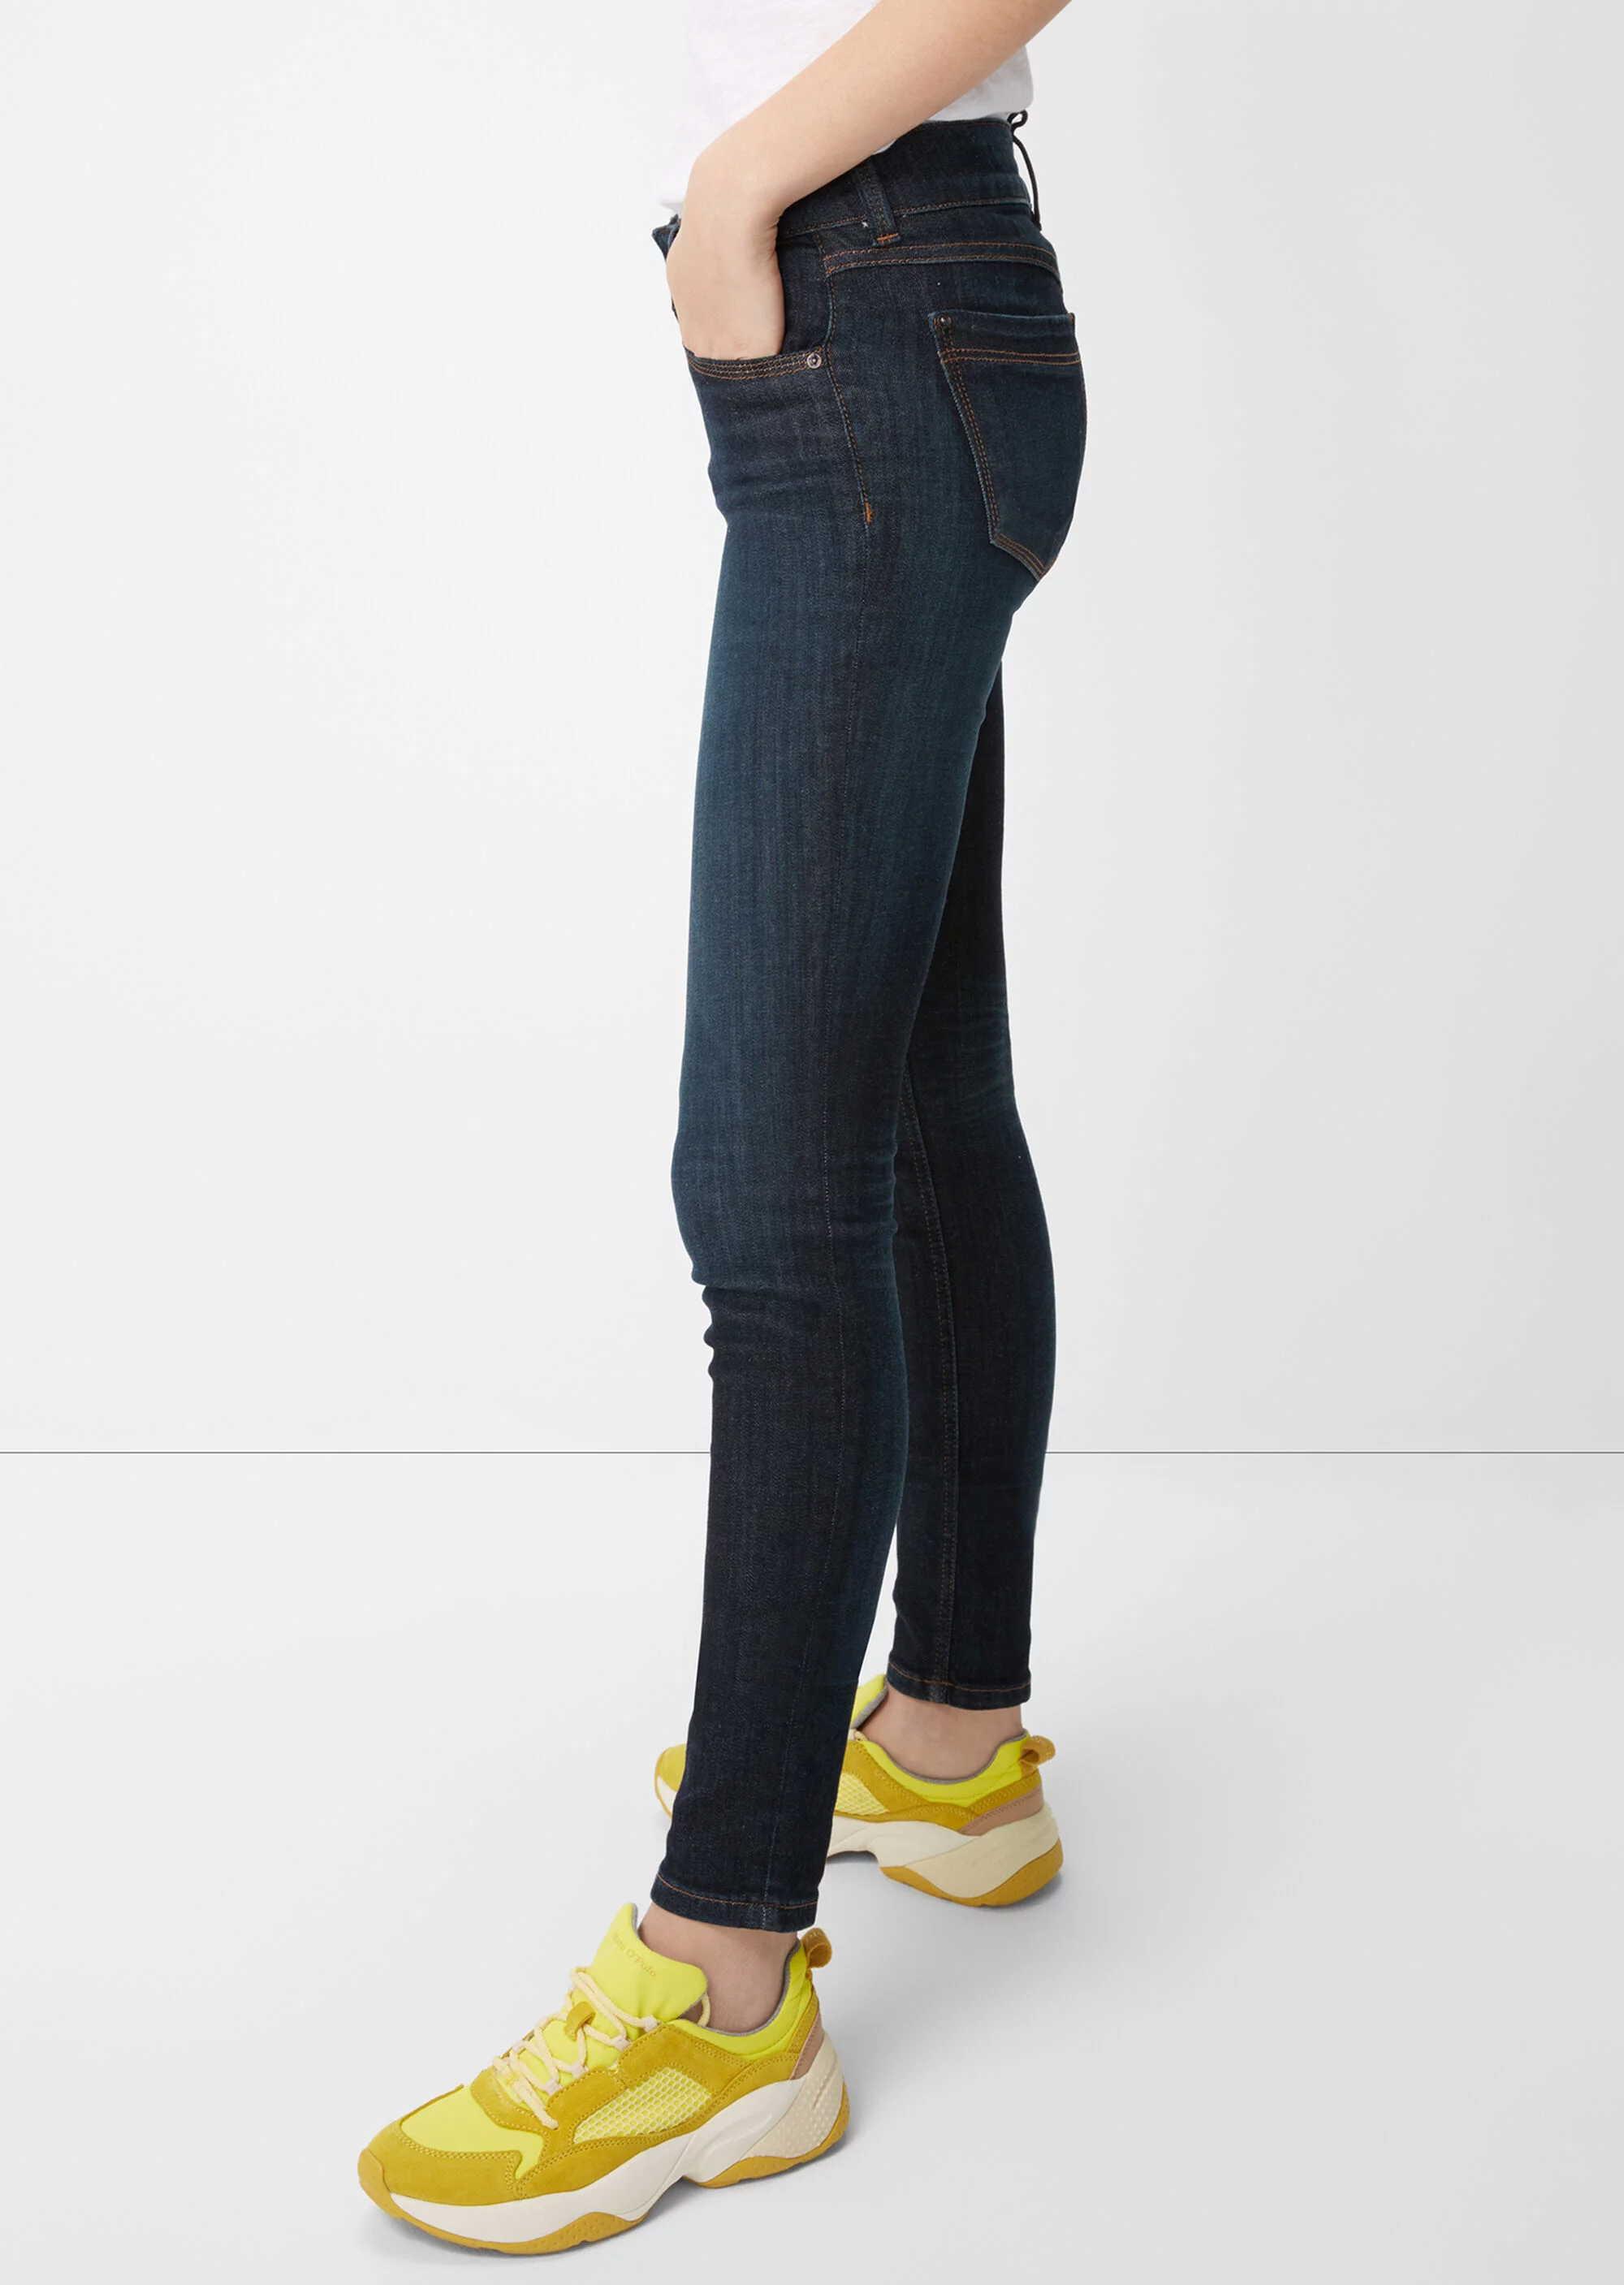 Marc O'Polo Slim Fit Jeans in blau günstig kaufen